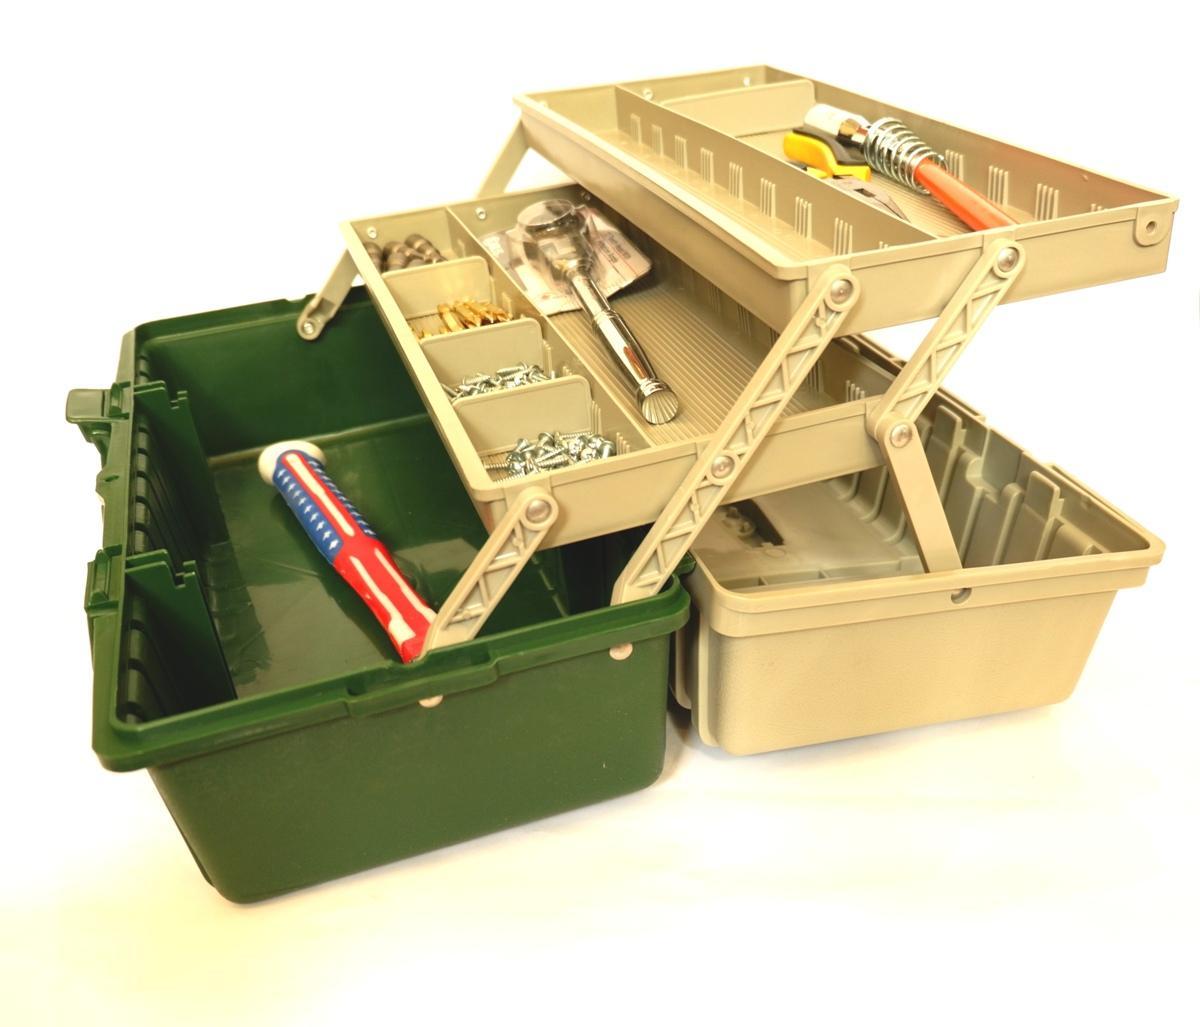 Mua thùng đựng đồ nghề-Thùng đồ nghề cao cấp kích thước 42x20x18cm[HTS][BOX]